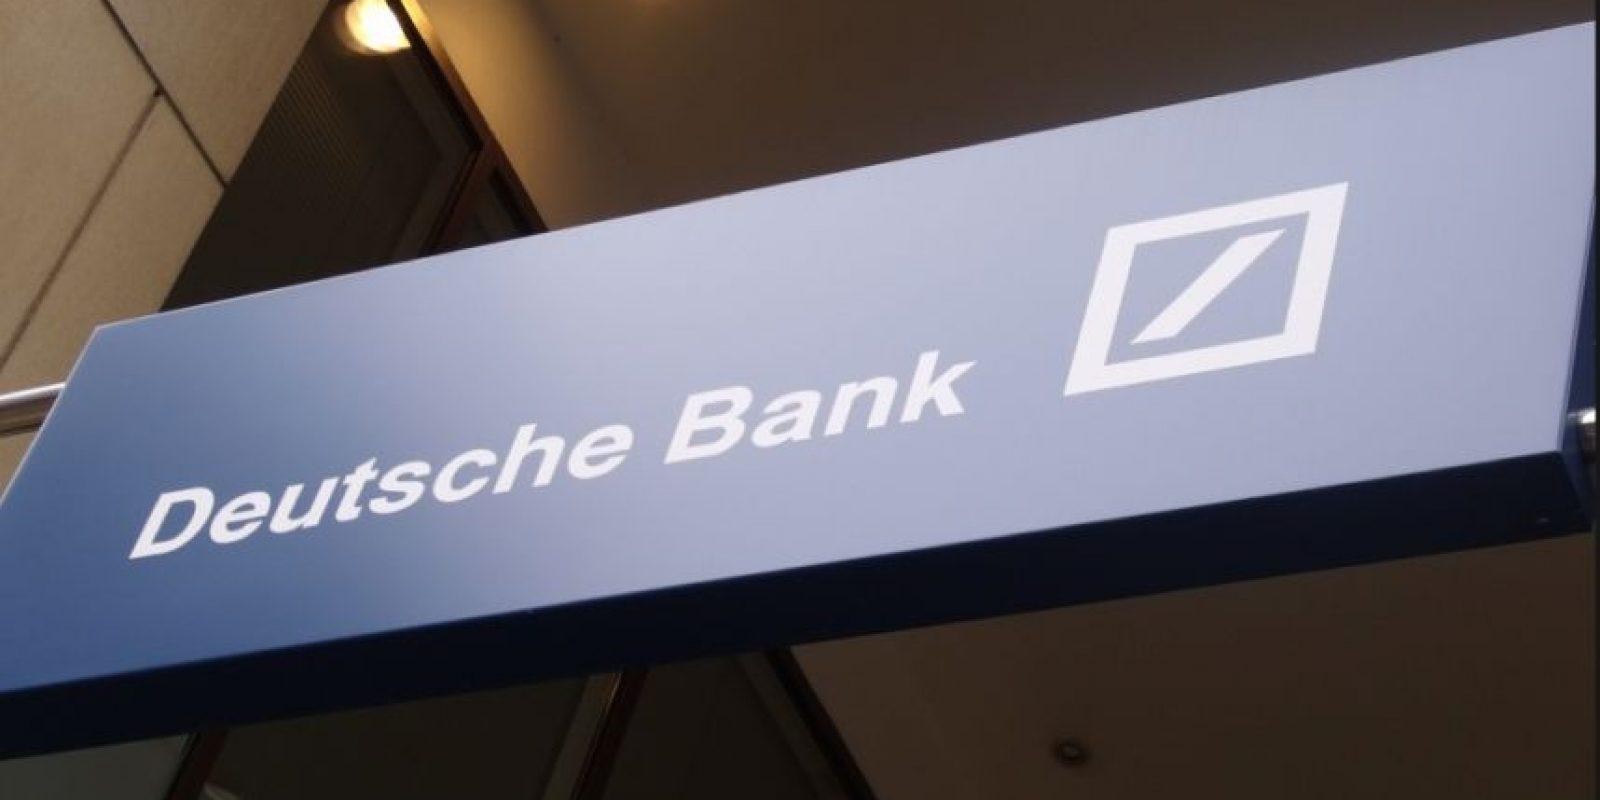 El Deutsche Bank transfirió por error cinco mil 300 millones de euros Foto:Vía flickr